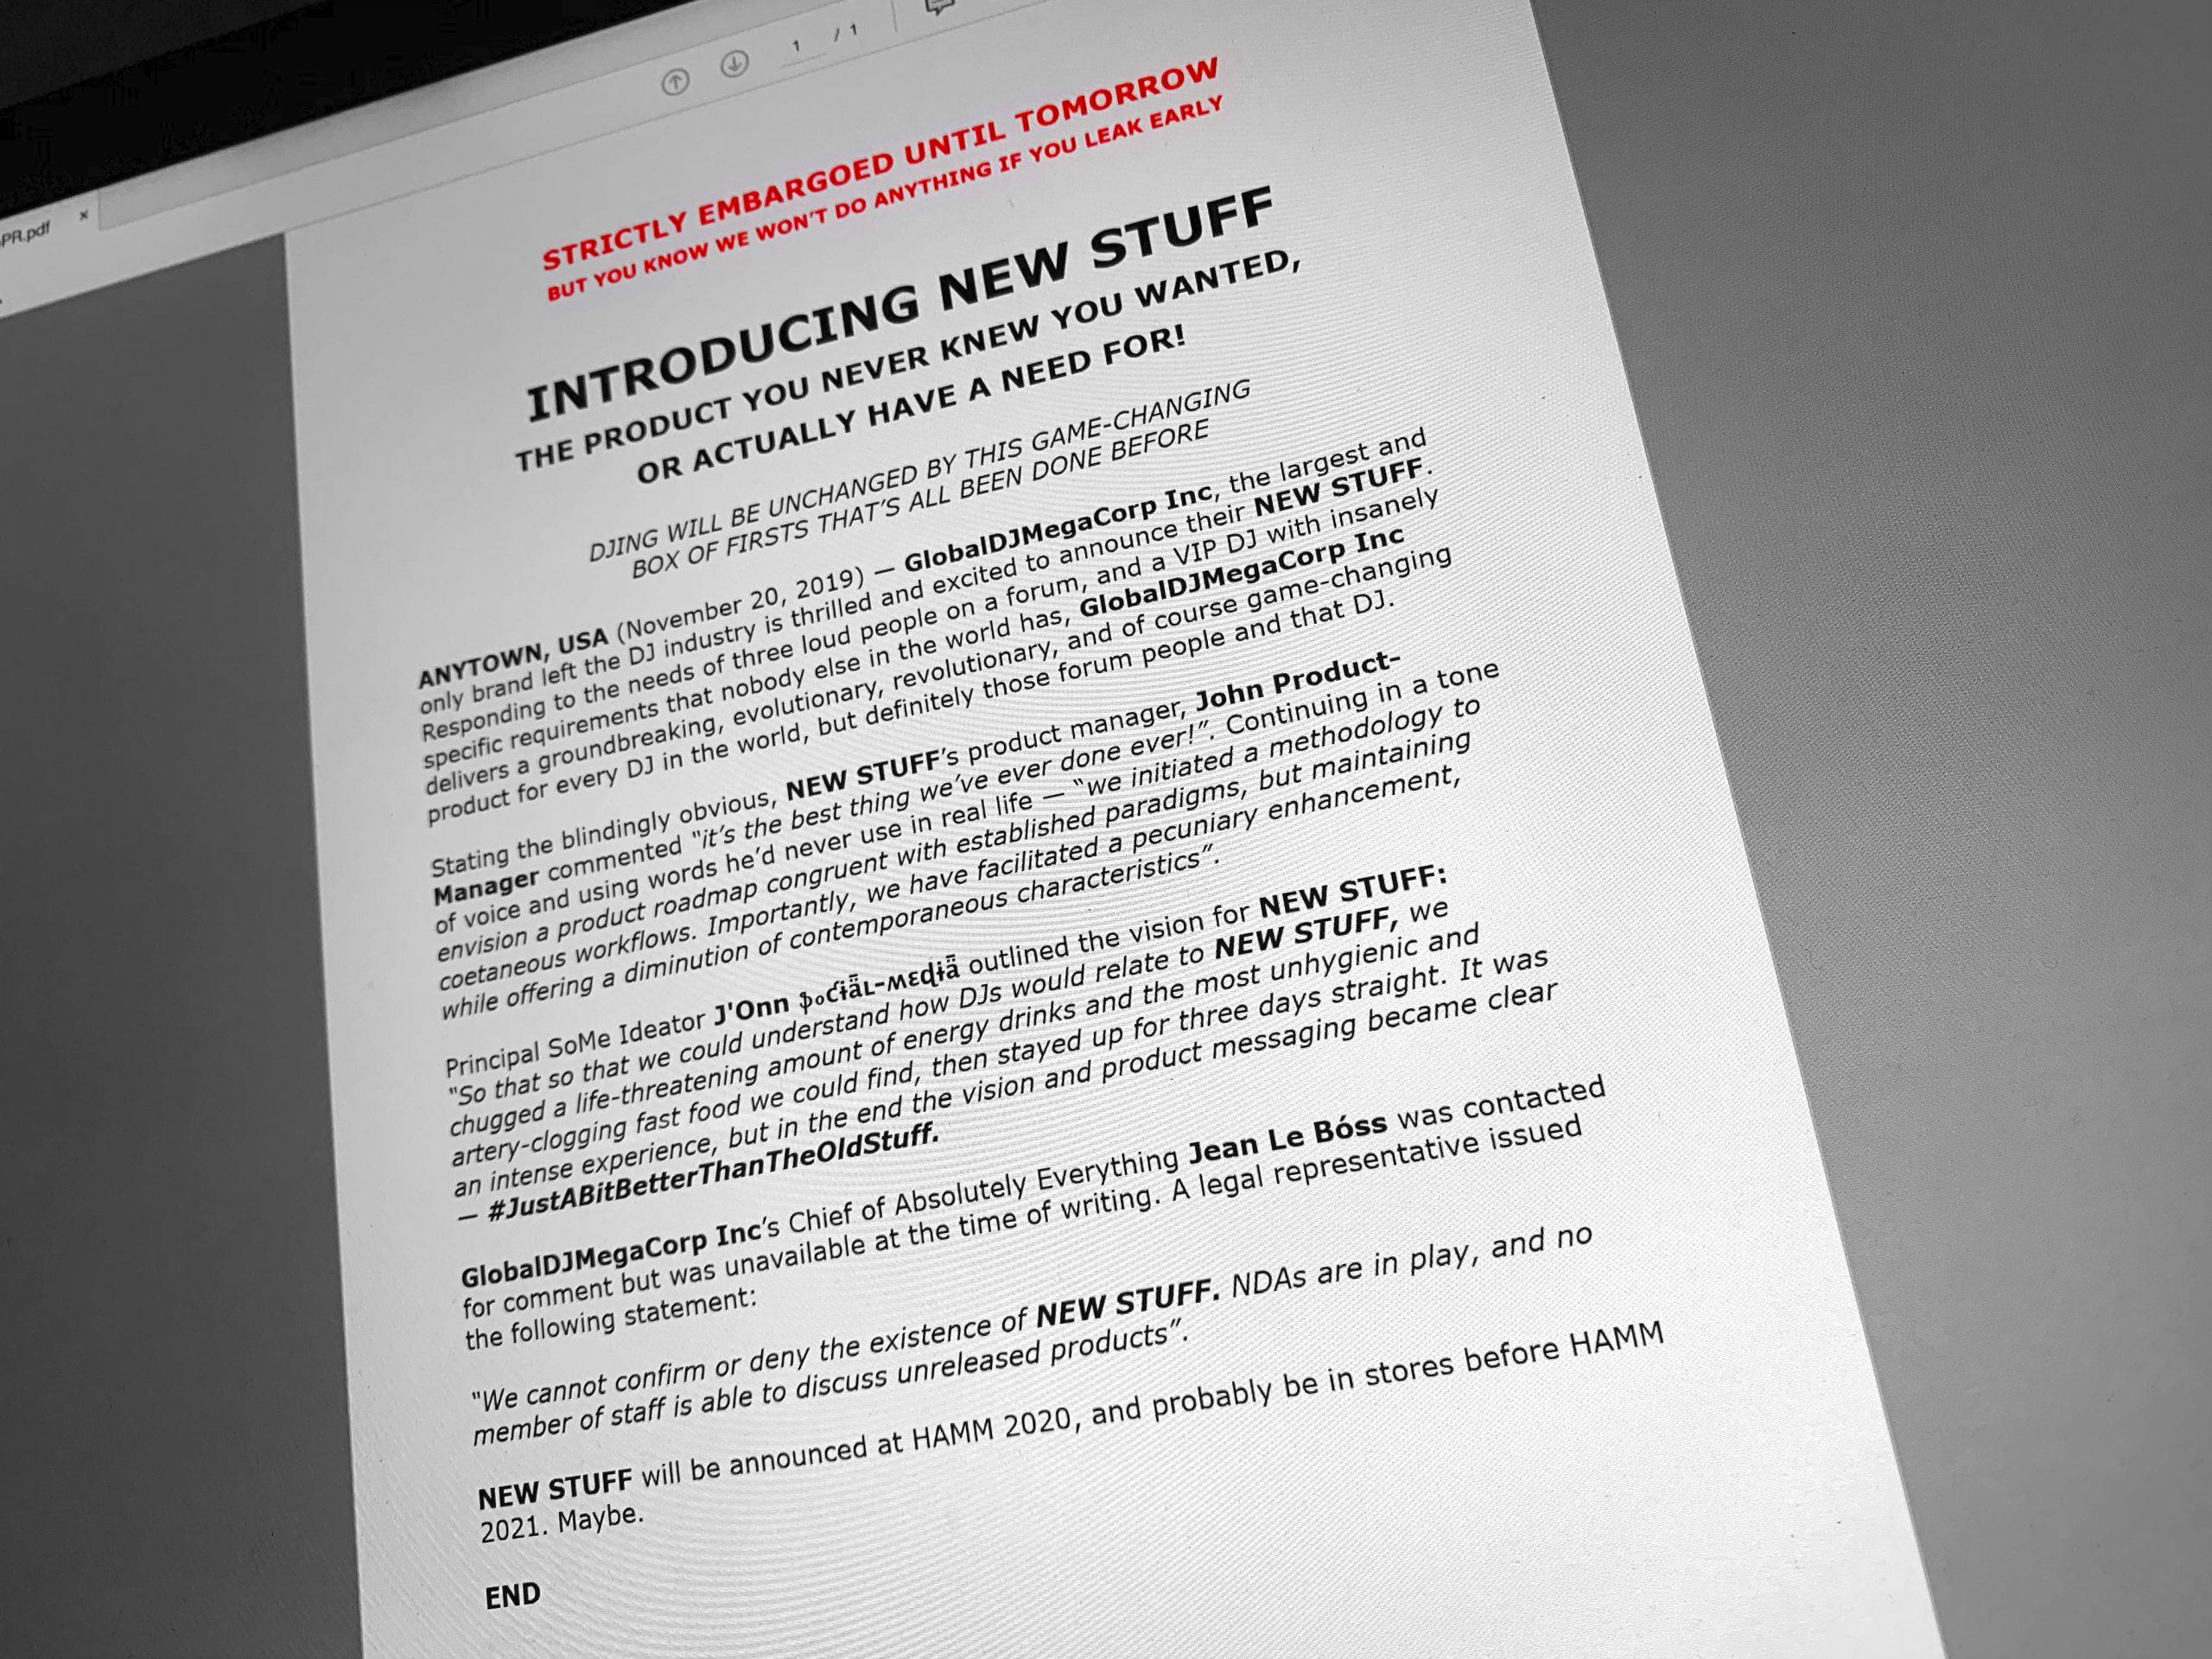 Made up press release DJWORX